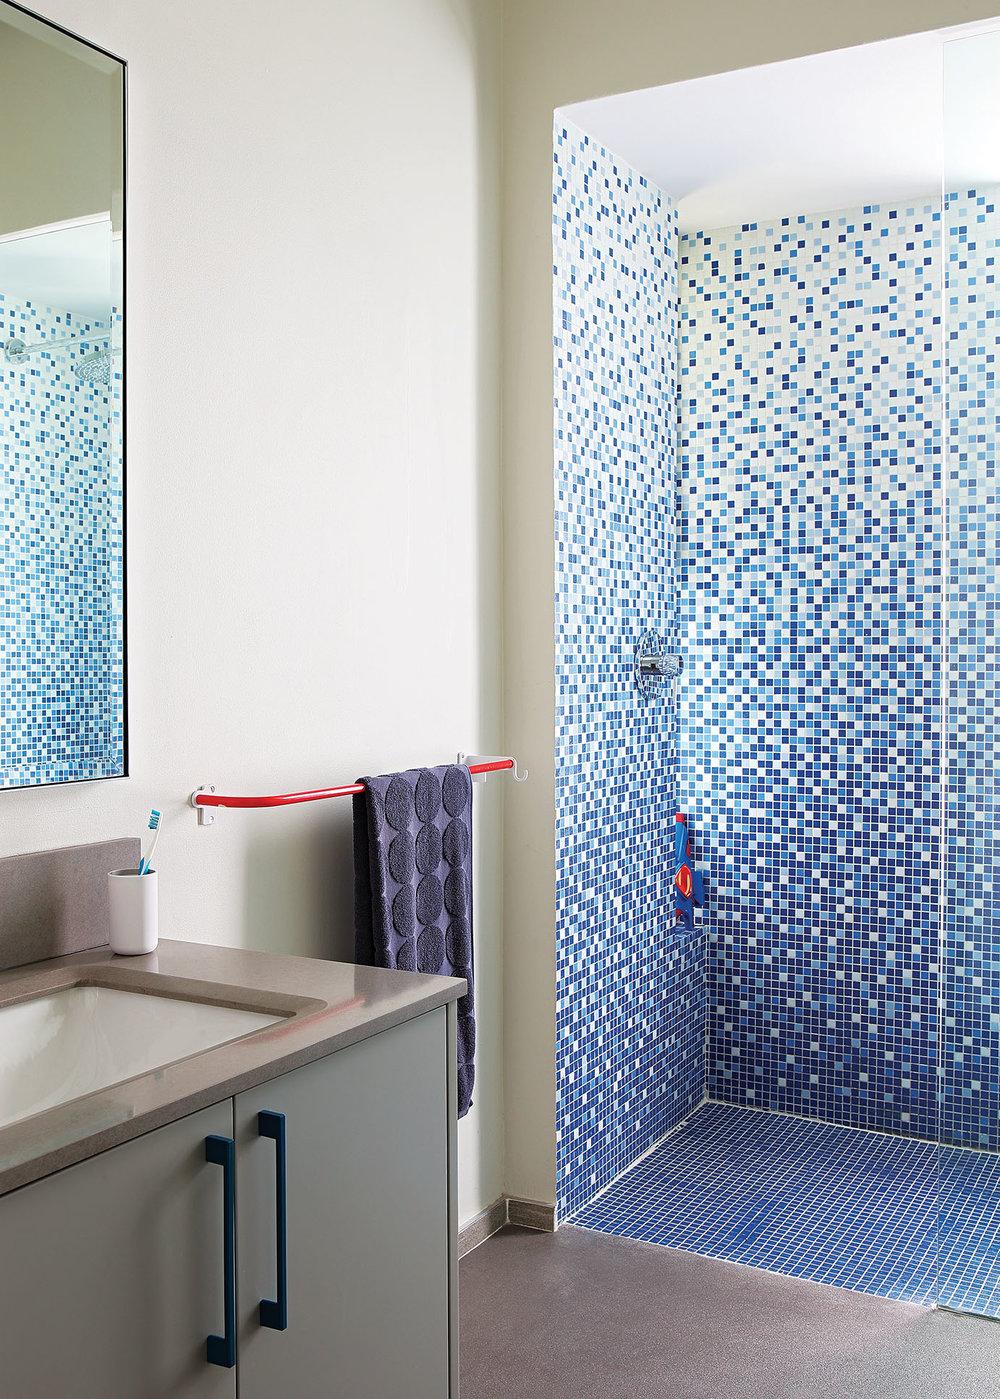 shahanah_bathroom3.jpg